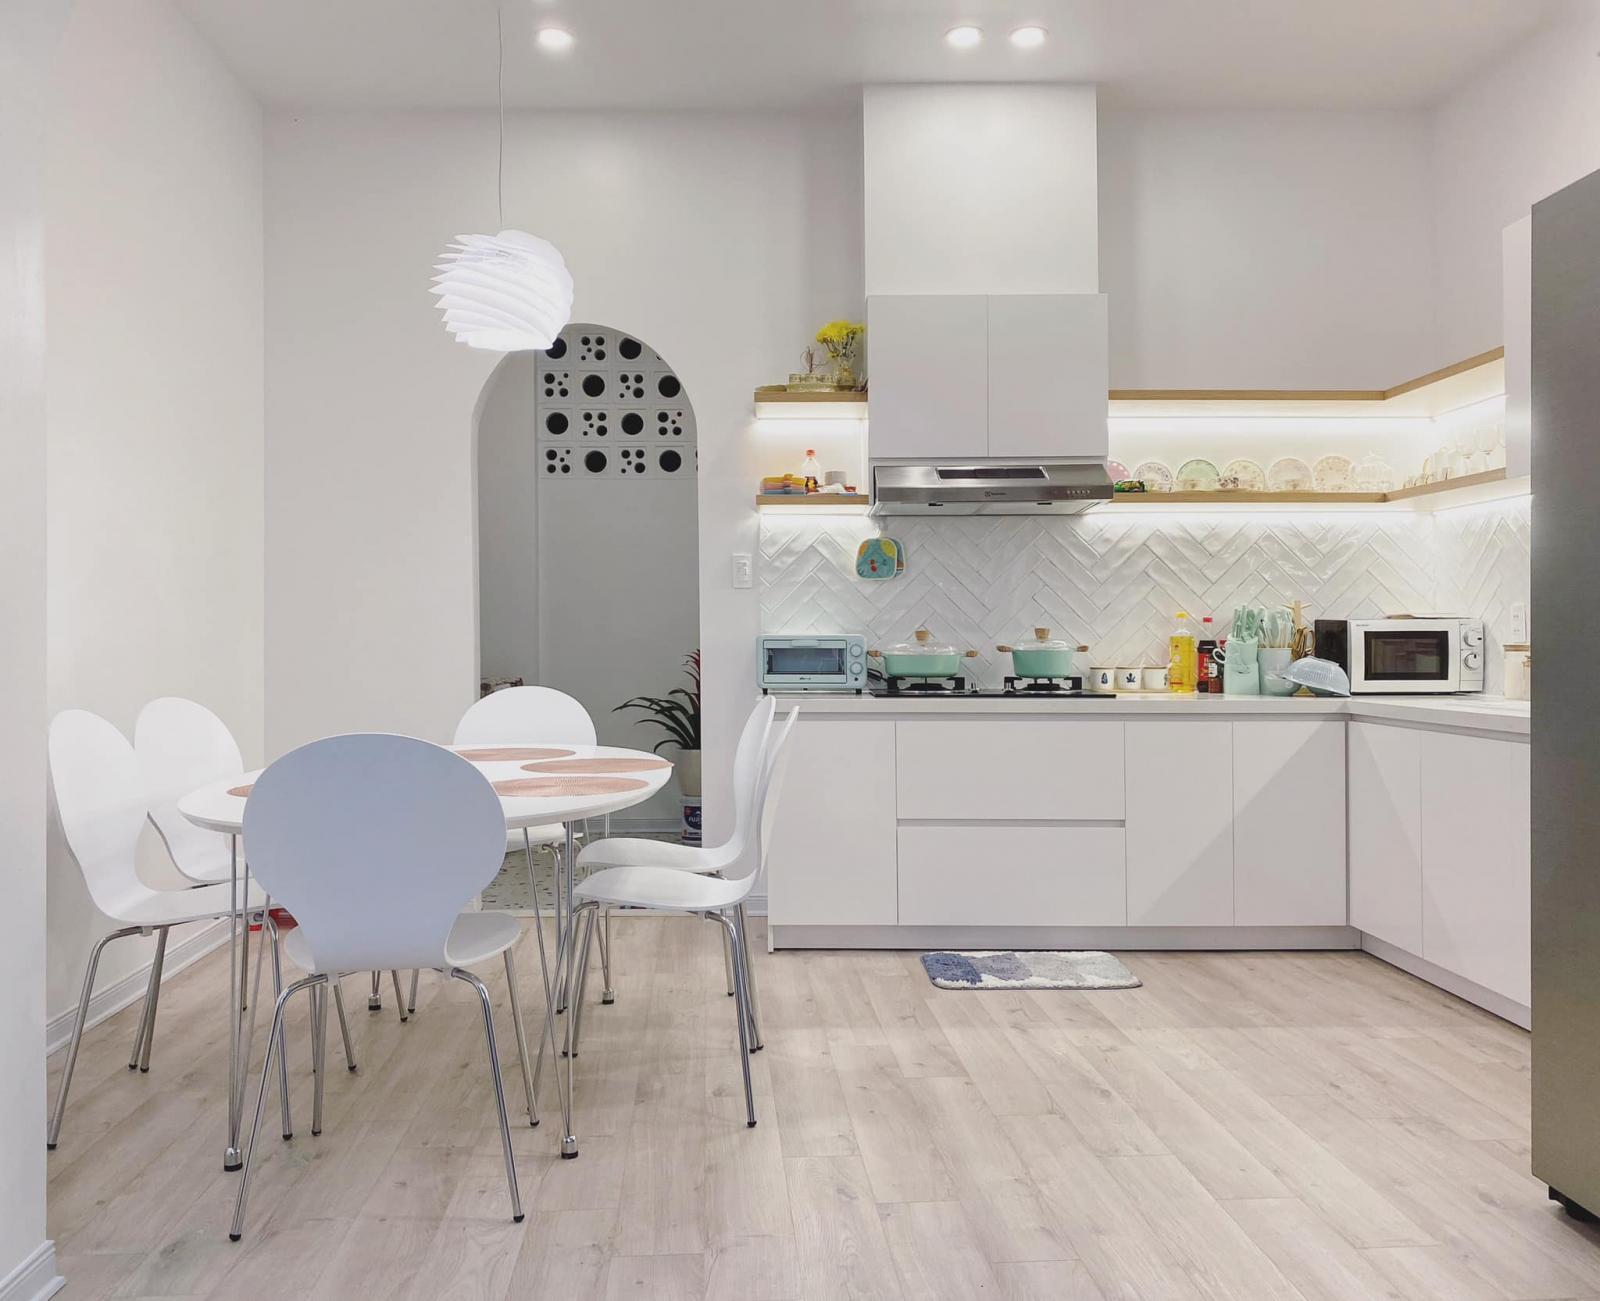 Phòng bếp tiếp tục sử dụng tông trắng chủ đạo.